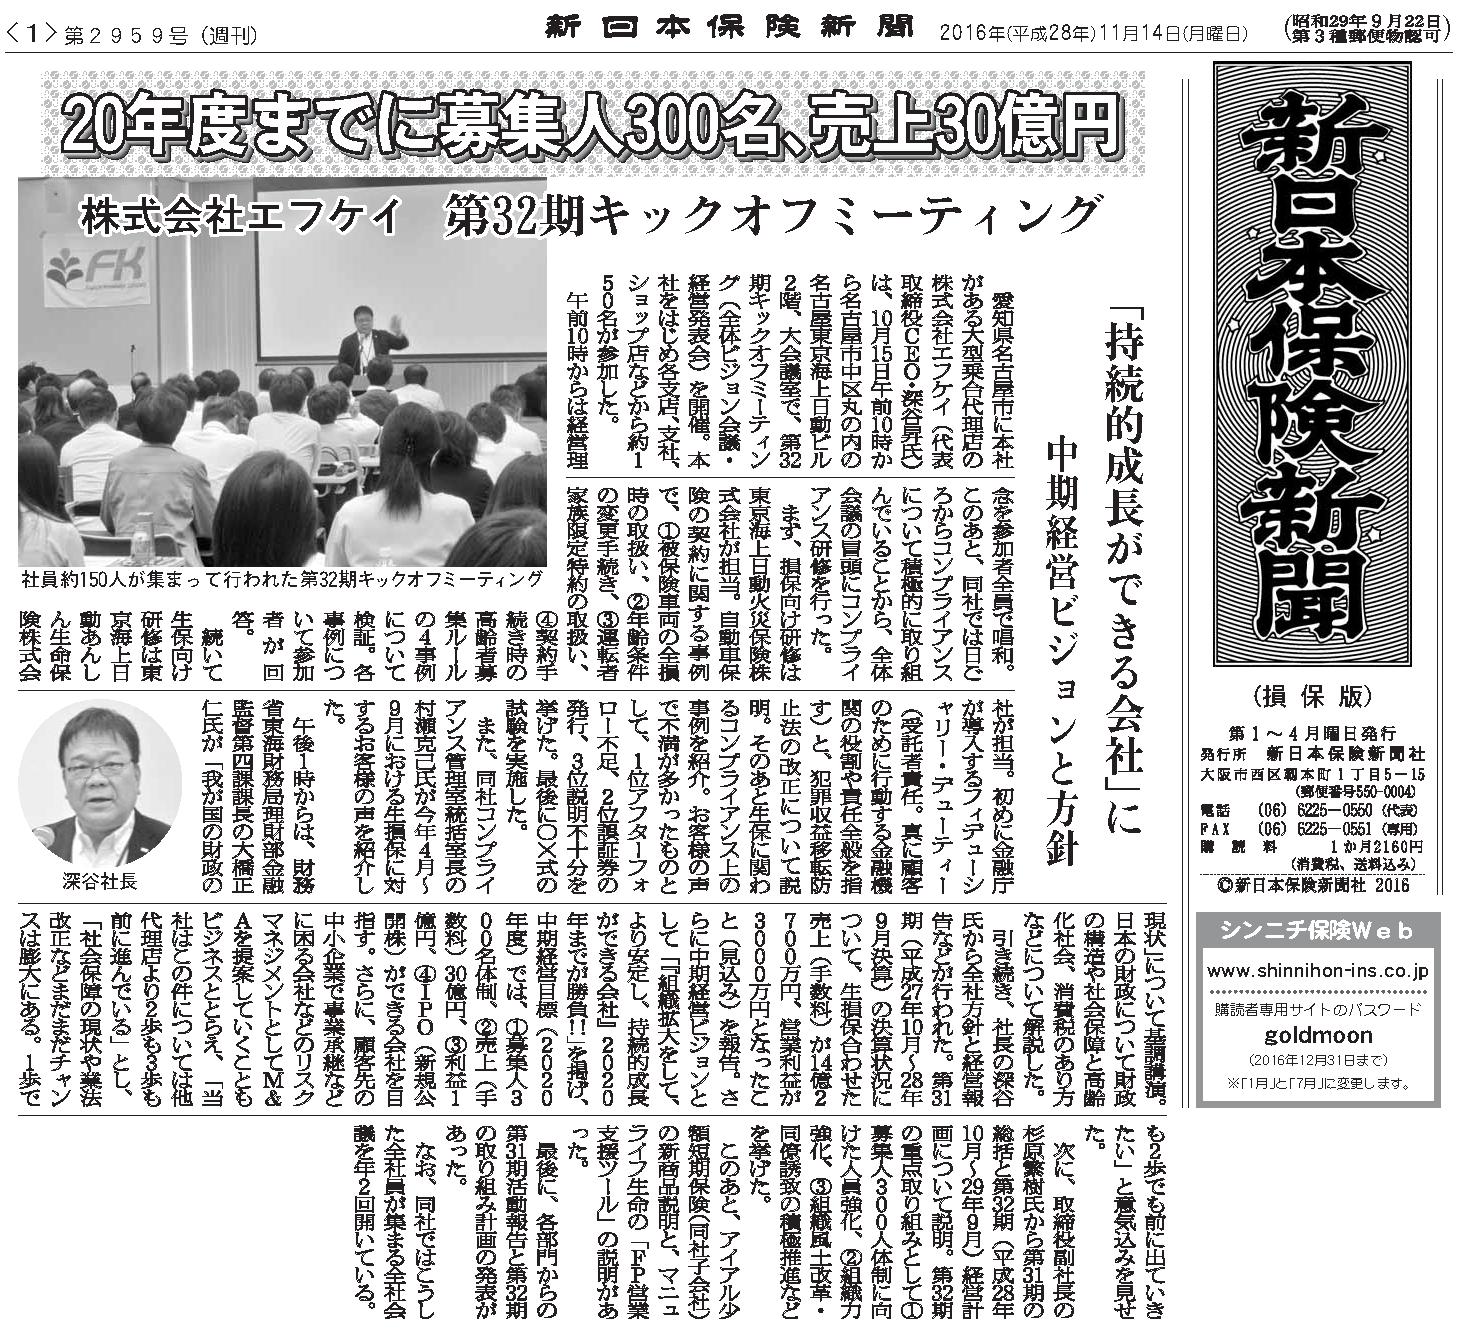 11月14日【新日本保険新聞】